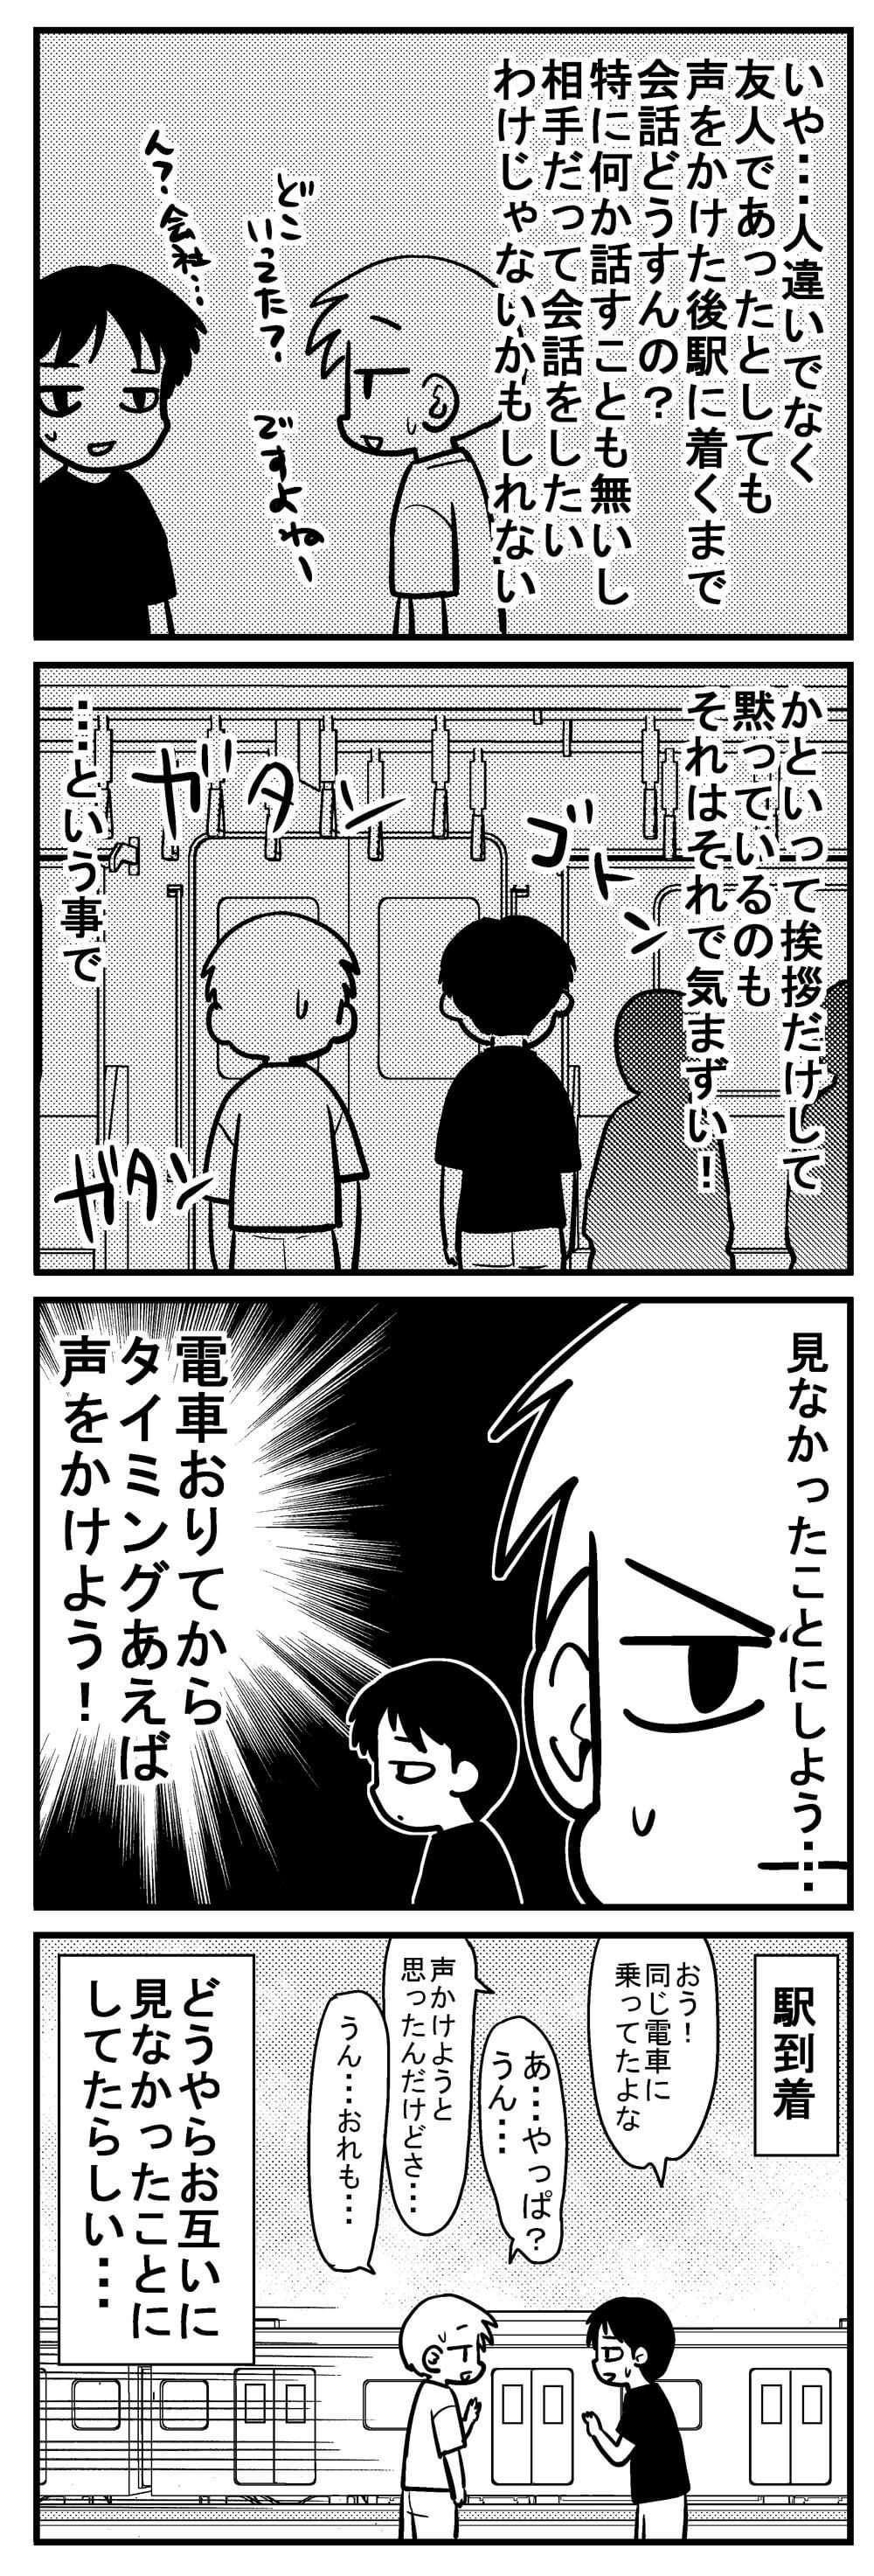 深読みくん156-2